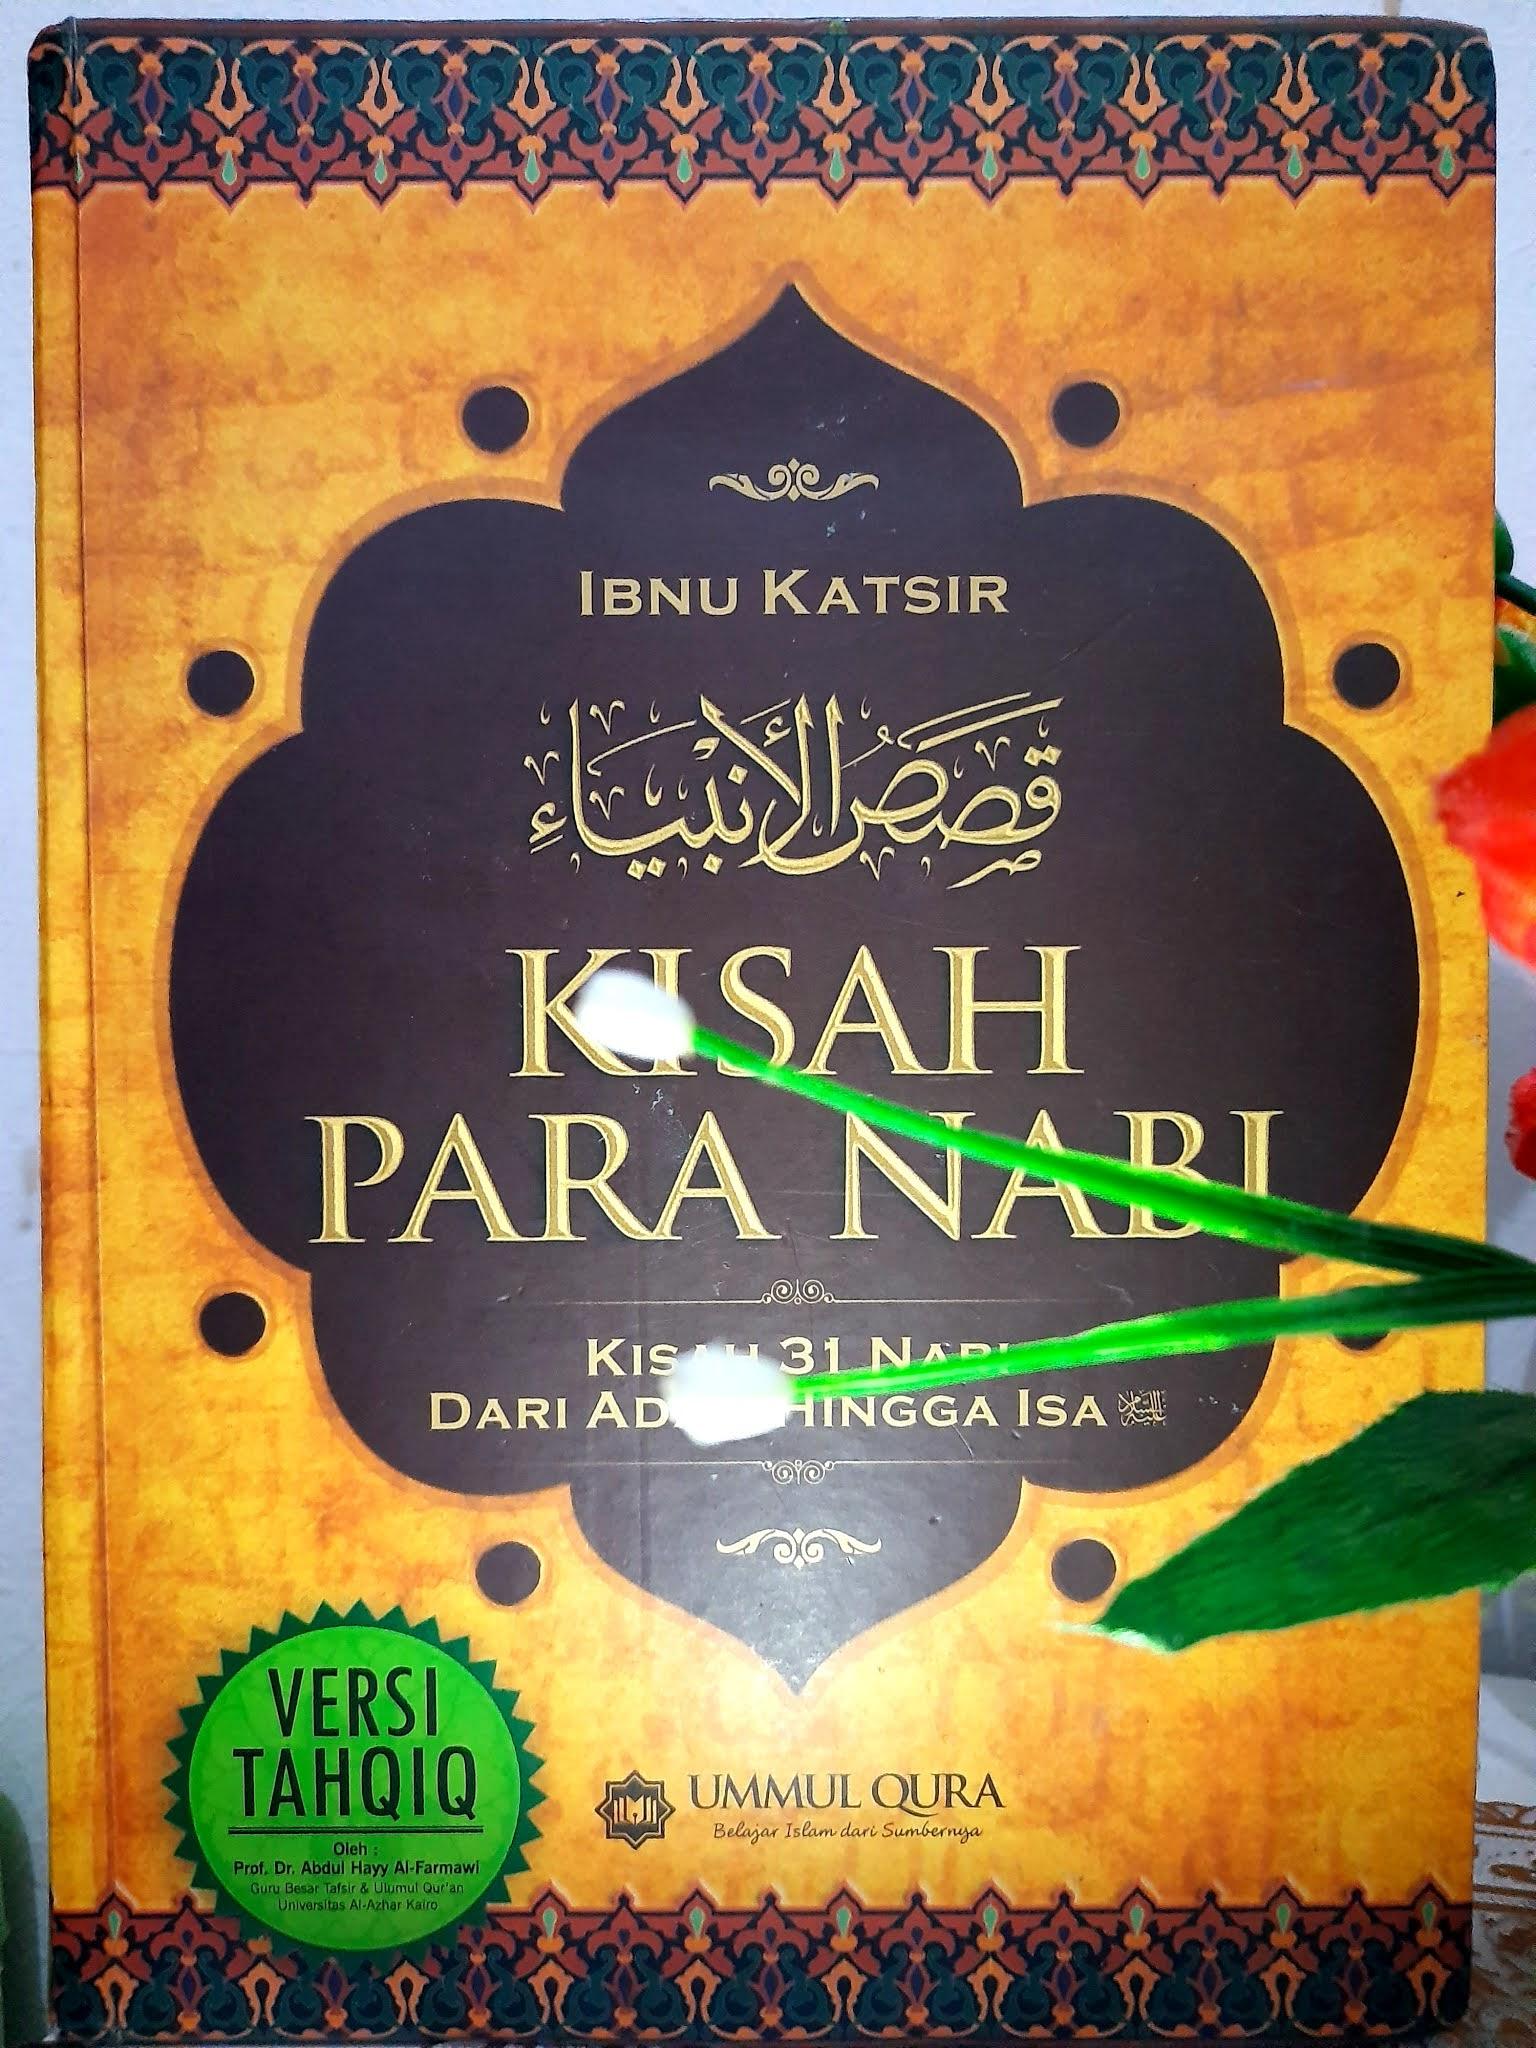 Hafidz Ibnu Katsir rahimahullah yaitu karya fonumental yang telah tersebar di seluruh dun Buku Kisah Para Nabi